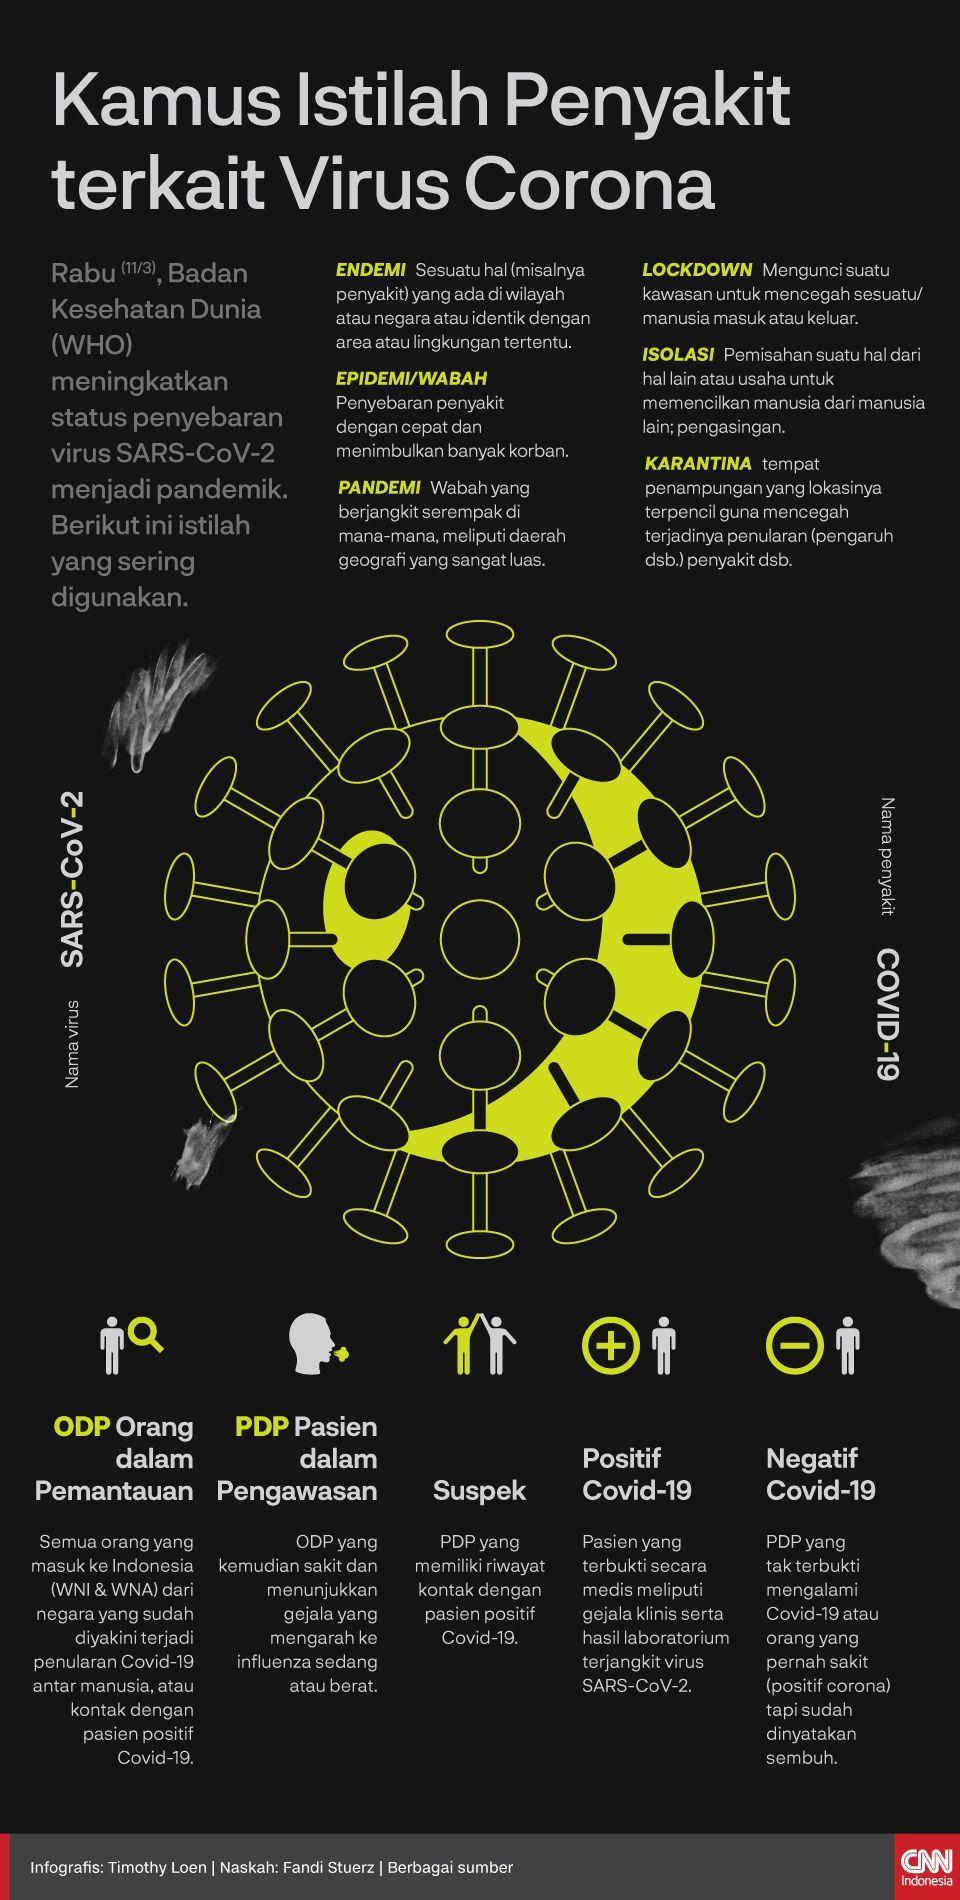 Infografis Kamus Istilah Penyakit terkait Virus Corona